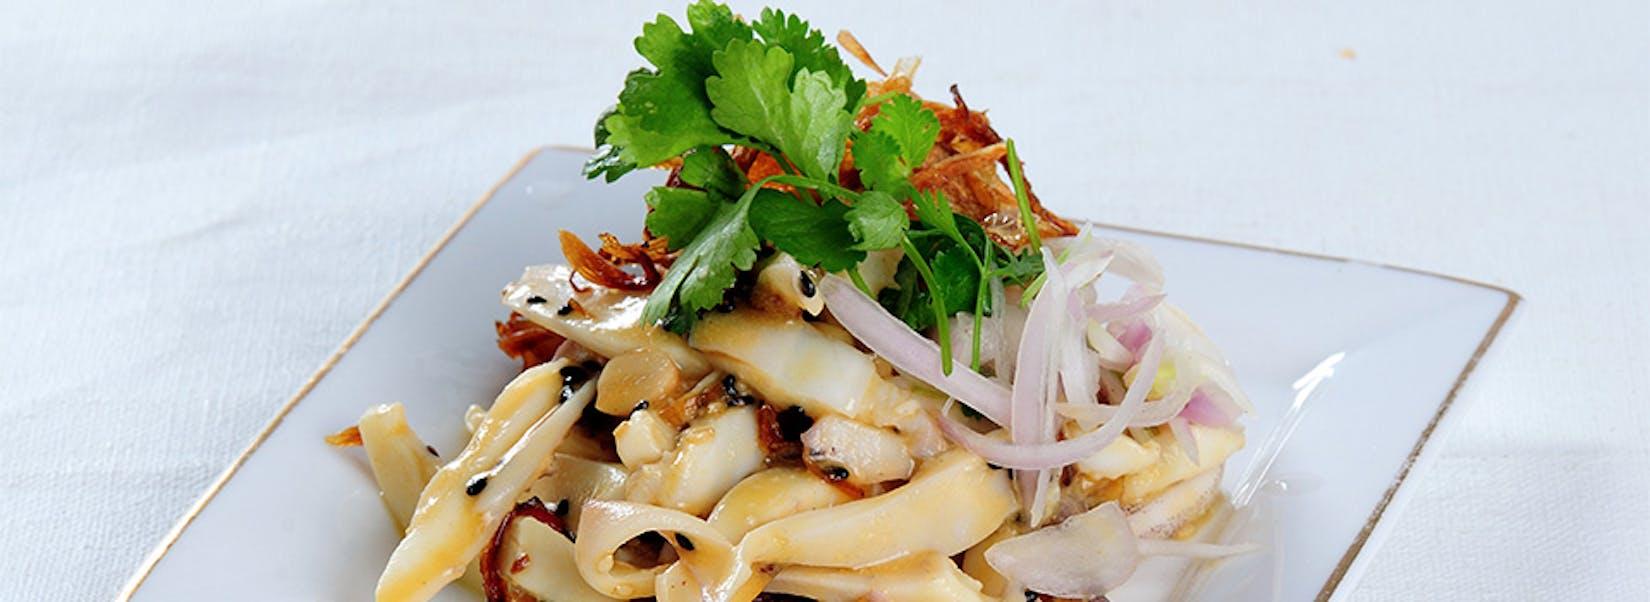 Min Lan Seafood Restaurant (Near Inya Lake) | yathar